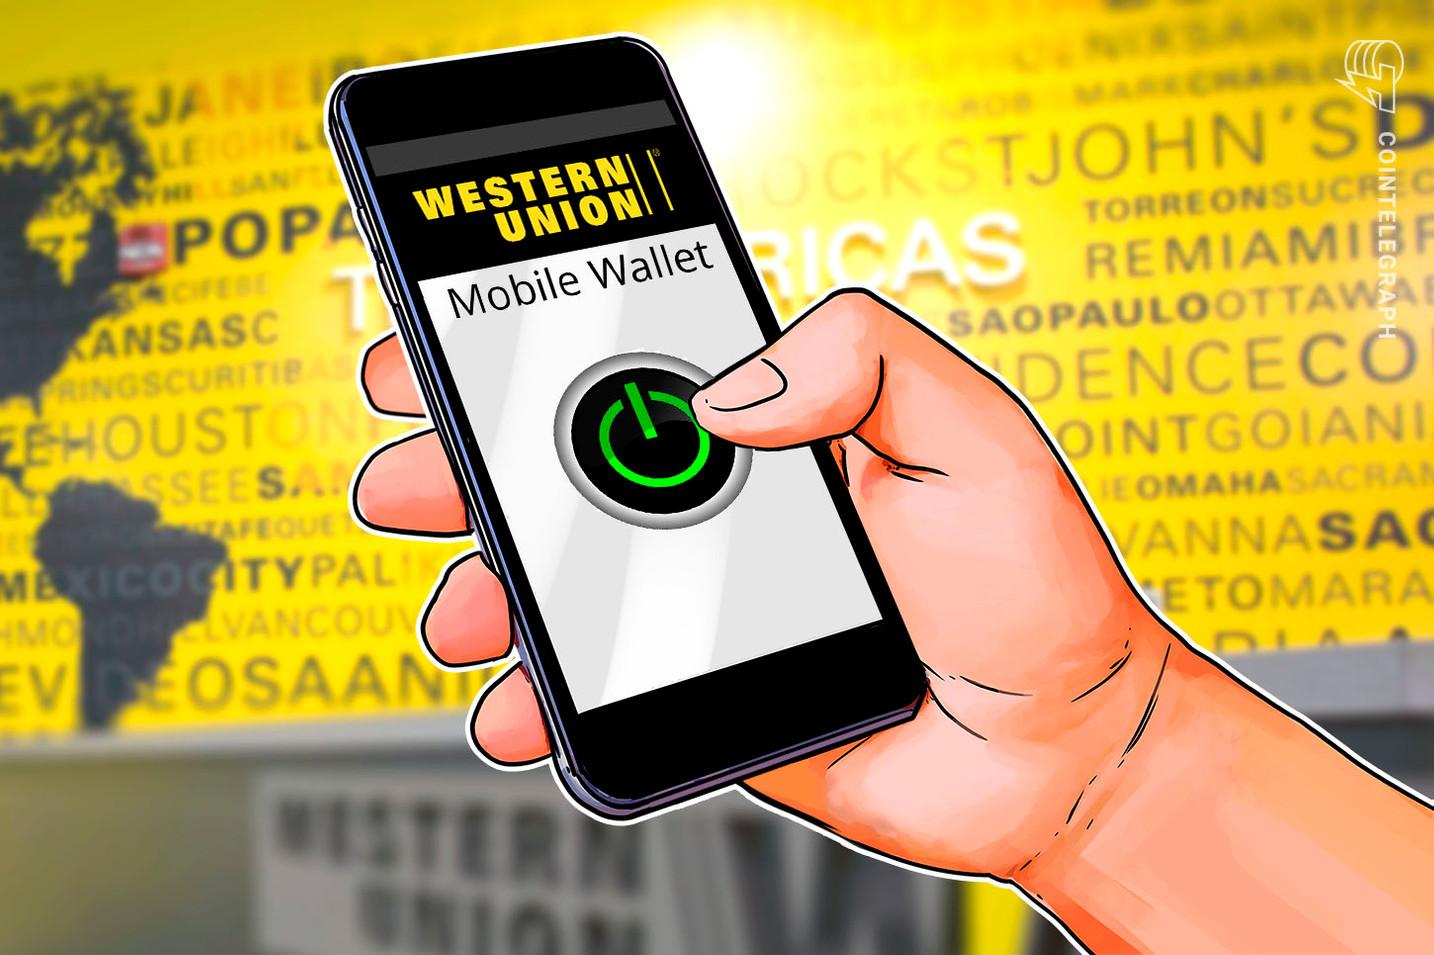 Western Union: Zusammenarbeit mit Stellar-Partner Thunes bei mobilen Wallet-Transfers